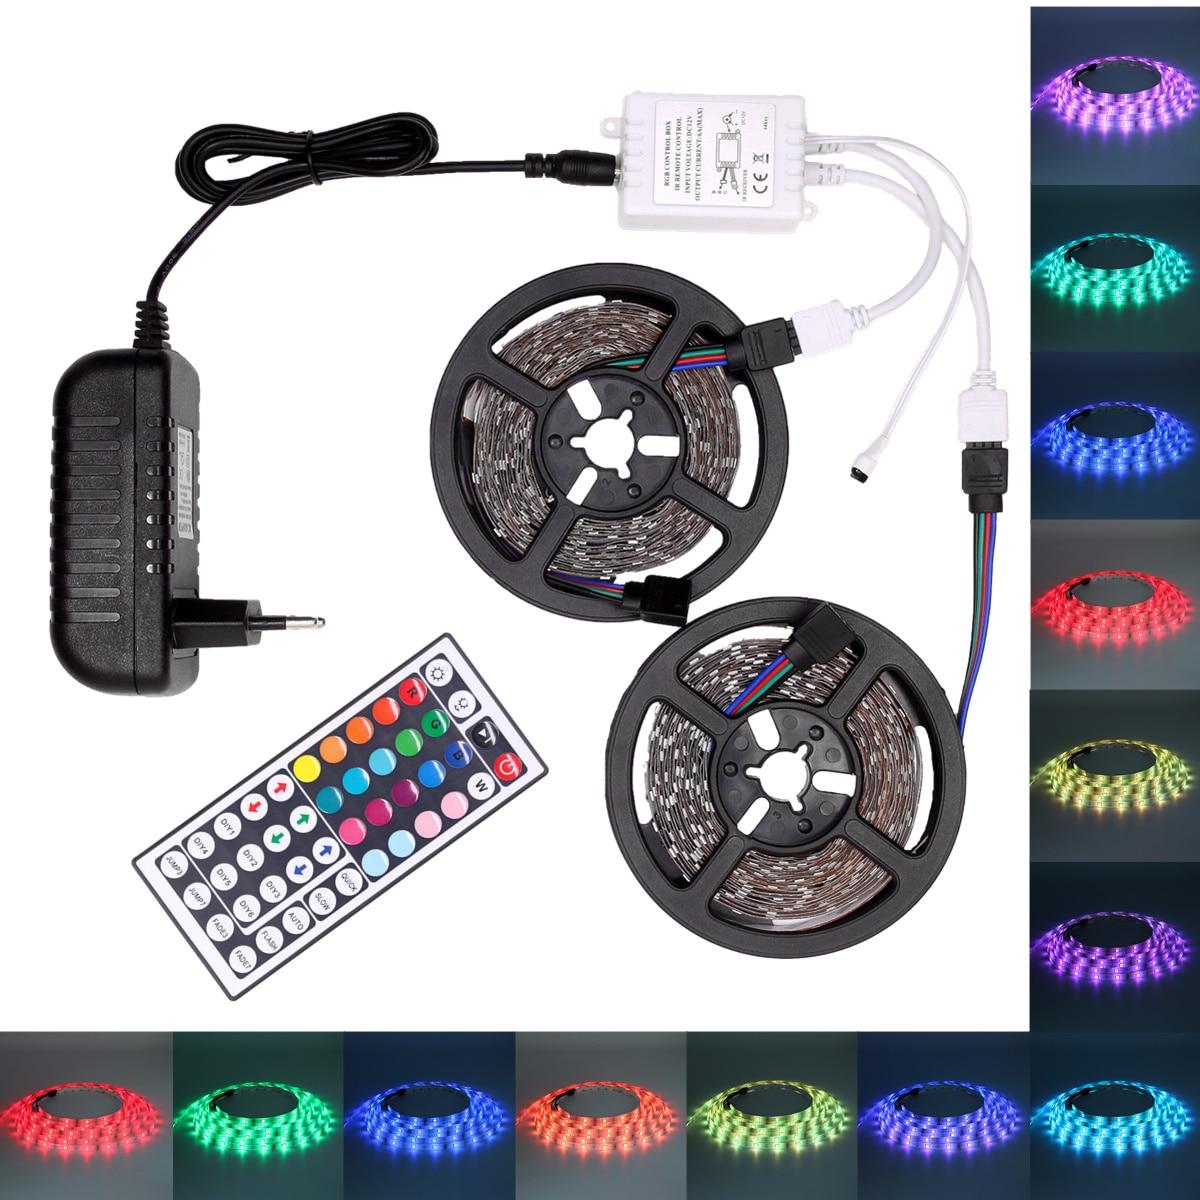 RGB Tira CONDUZIDA Impermeável 5050 USB LED Tira do DIODO EMISSOR de Fita/Luz de Tira 5 M 10 M Ledstrip Flexível com controlador e Adaptador 12 V